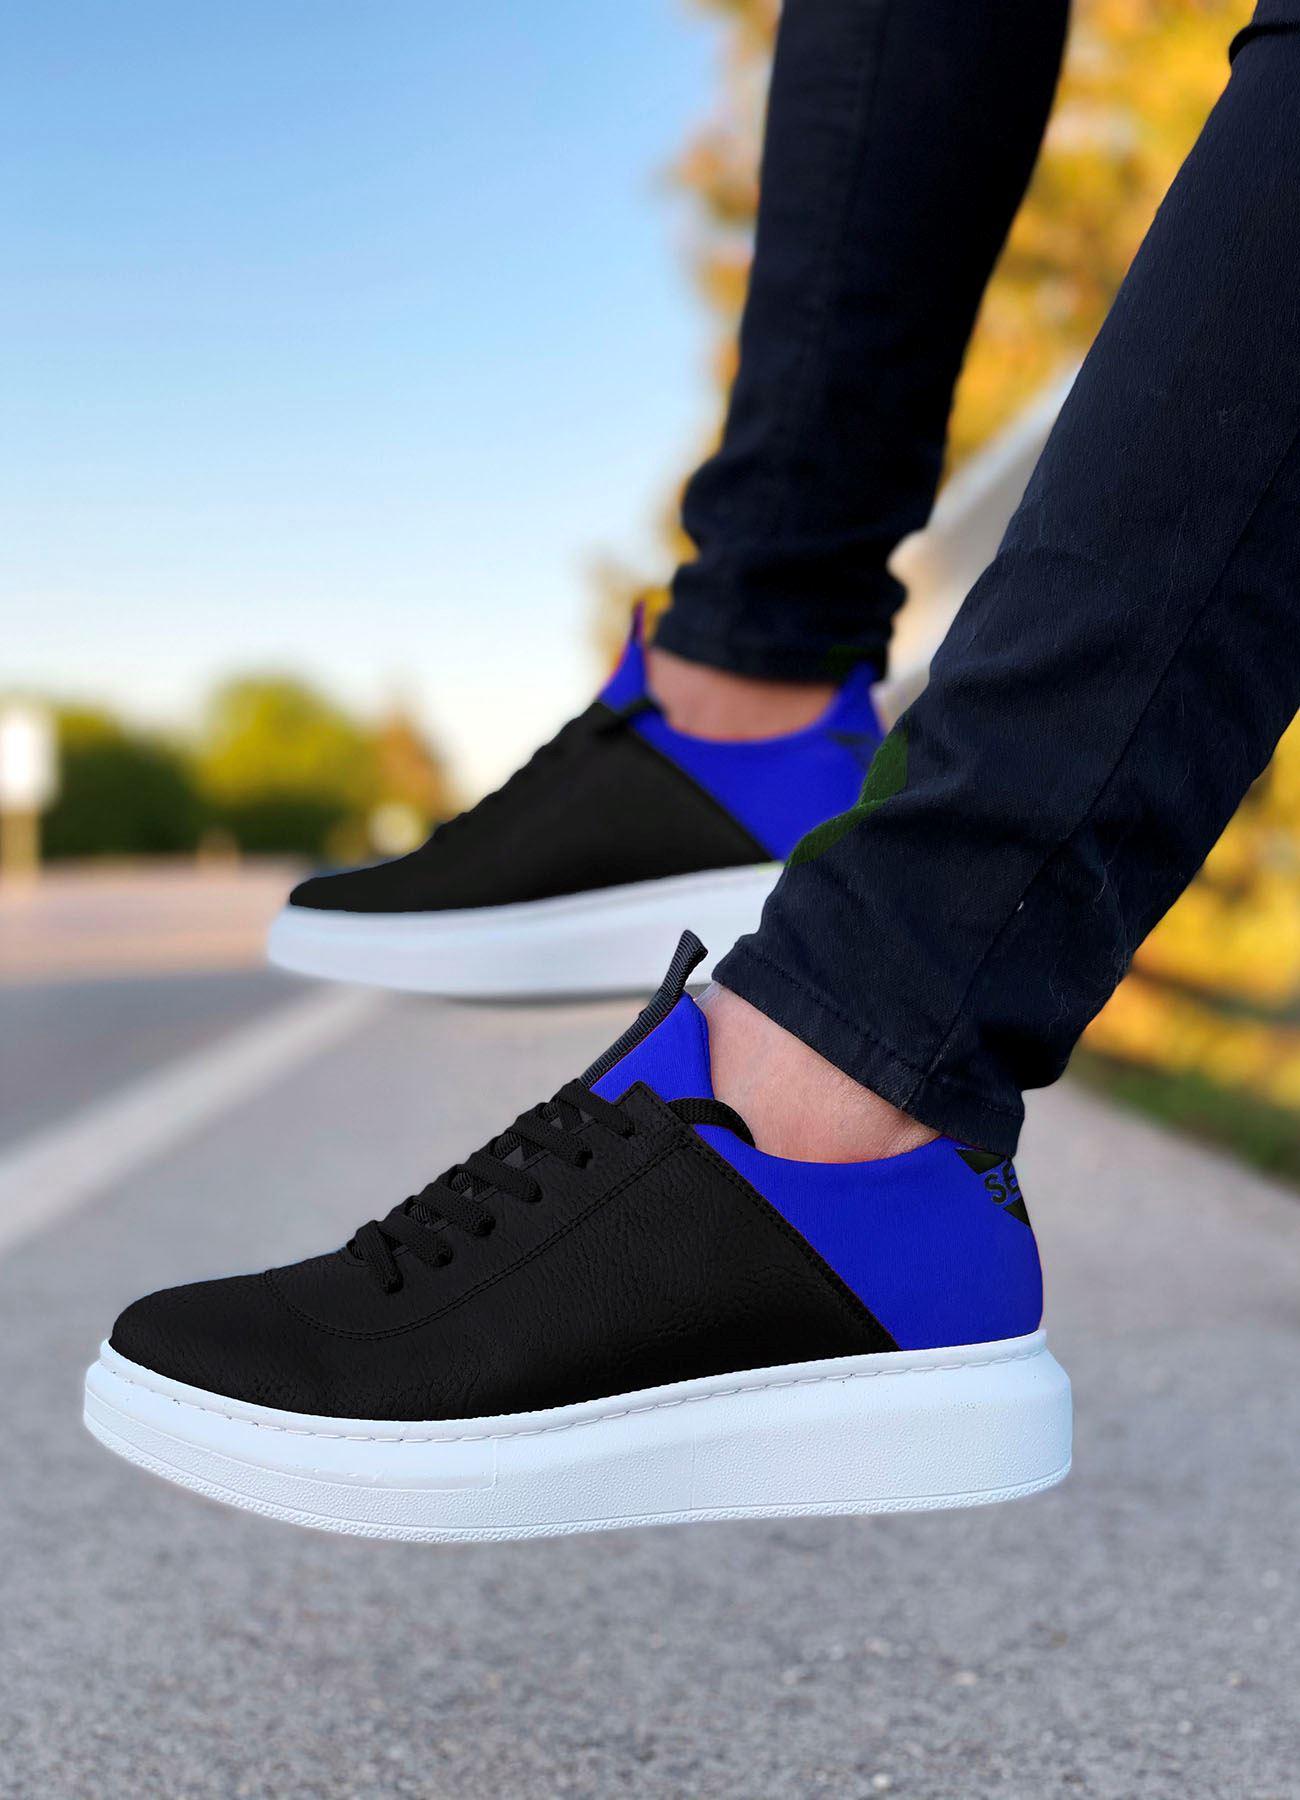 Serenze Mavi Siyah Erkek Spor Ayakkabı